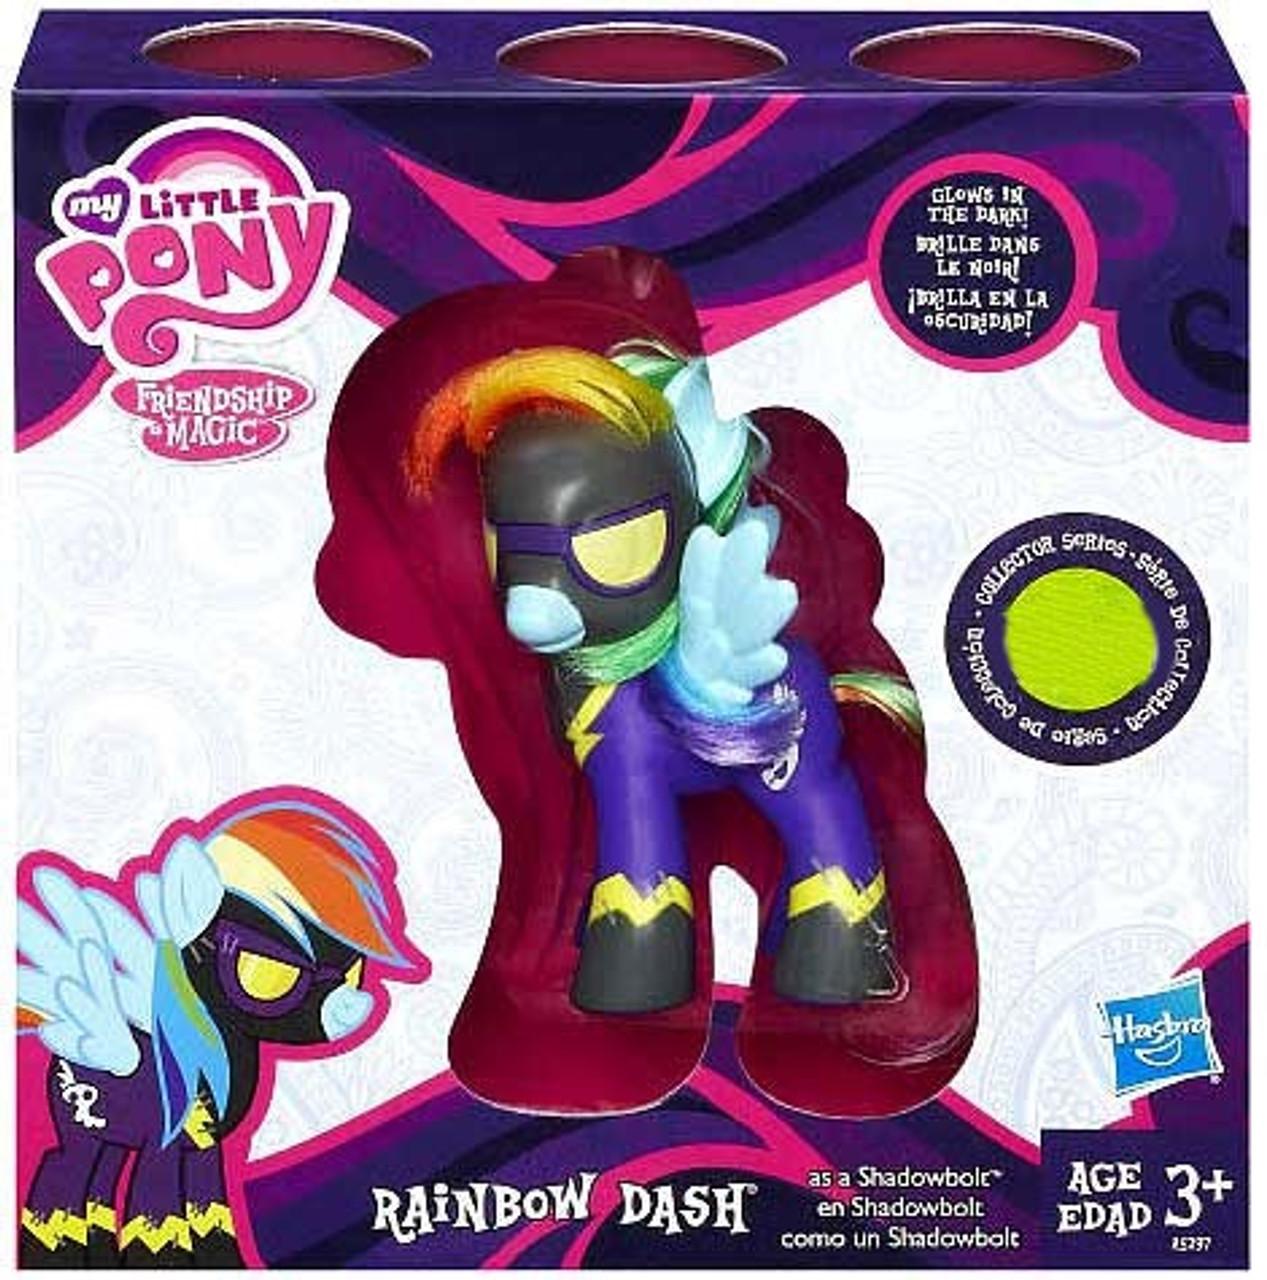 My Little Pony Rainbow Dash Cupcake Keepsakes Series 1 Mini-Figure